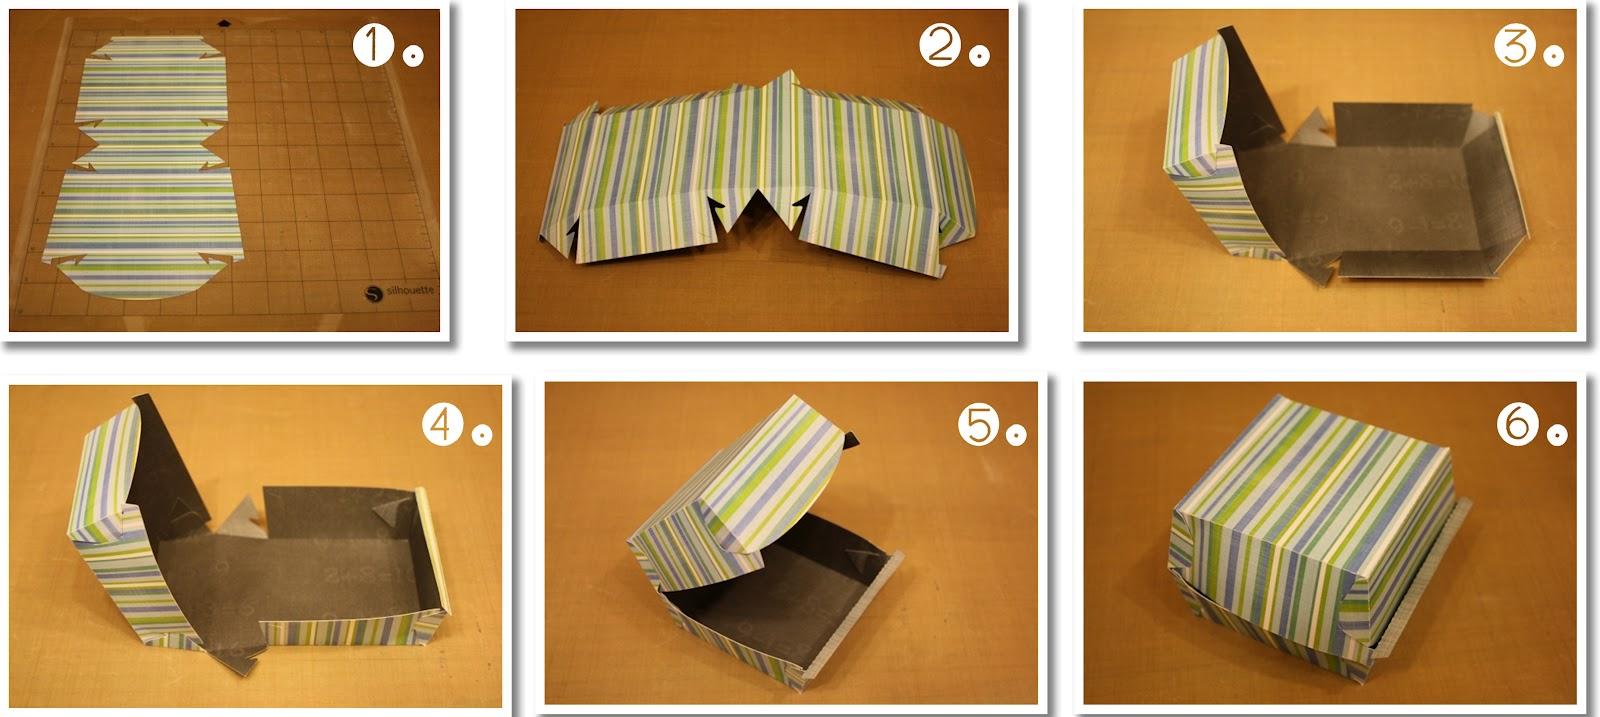 Занавески крючком в технике филейное вязание: схемы и образцы 32